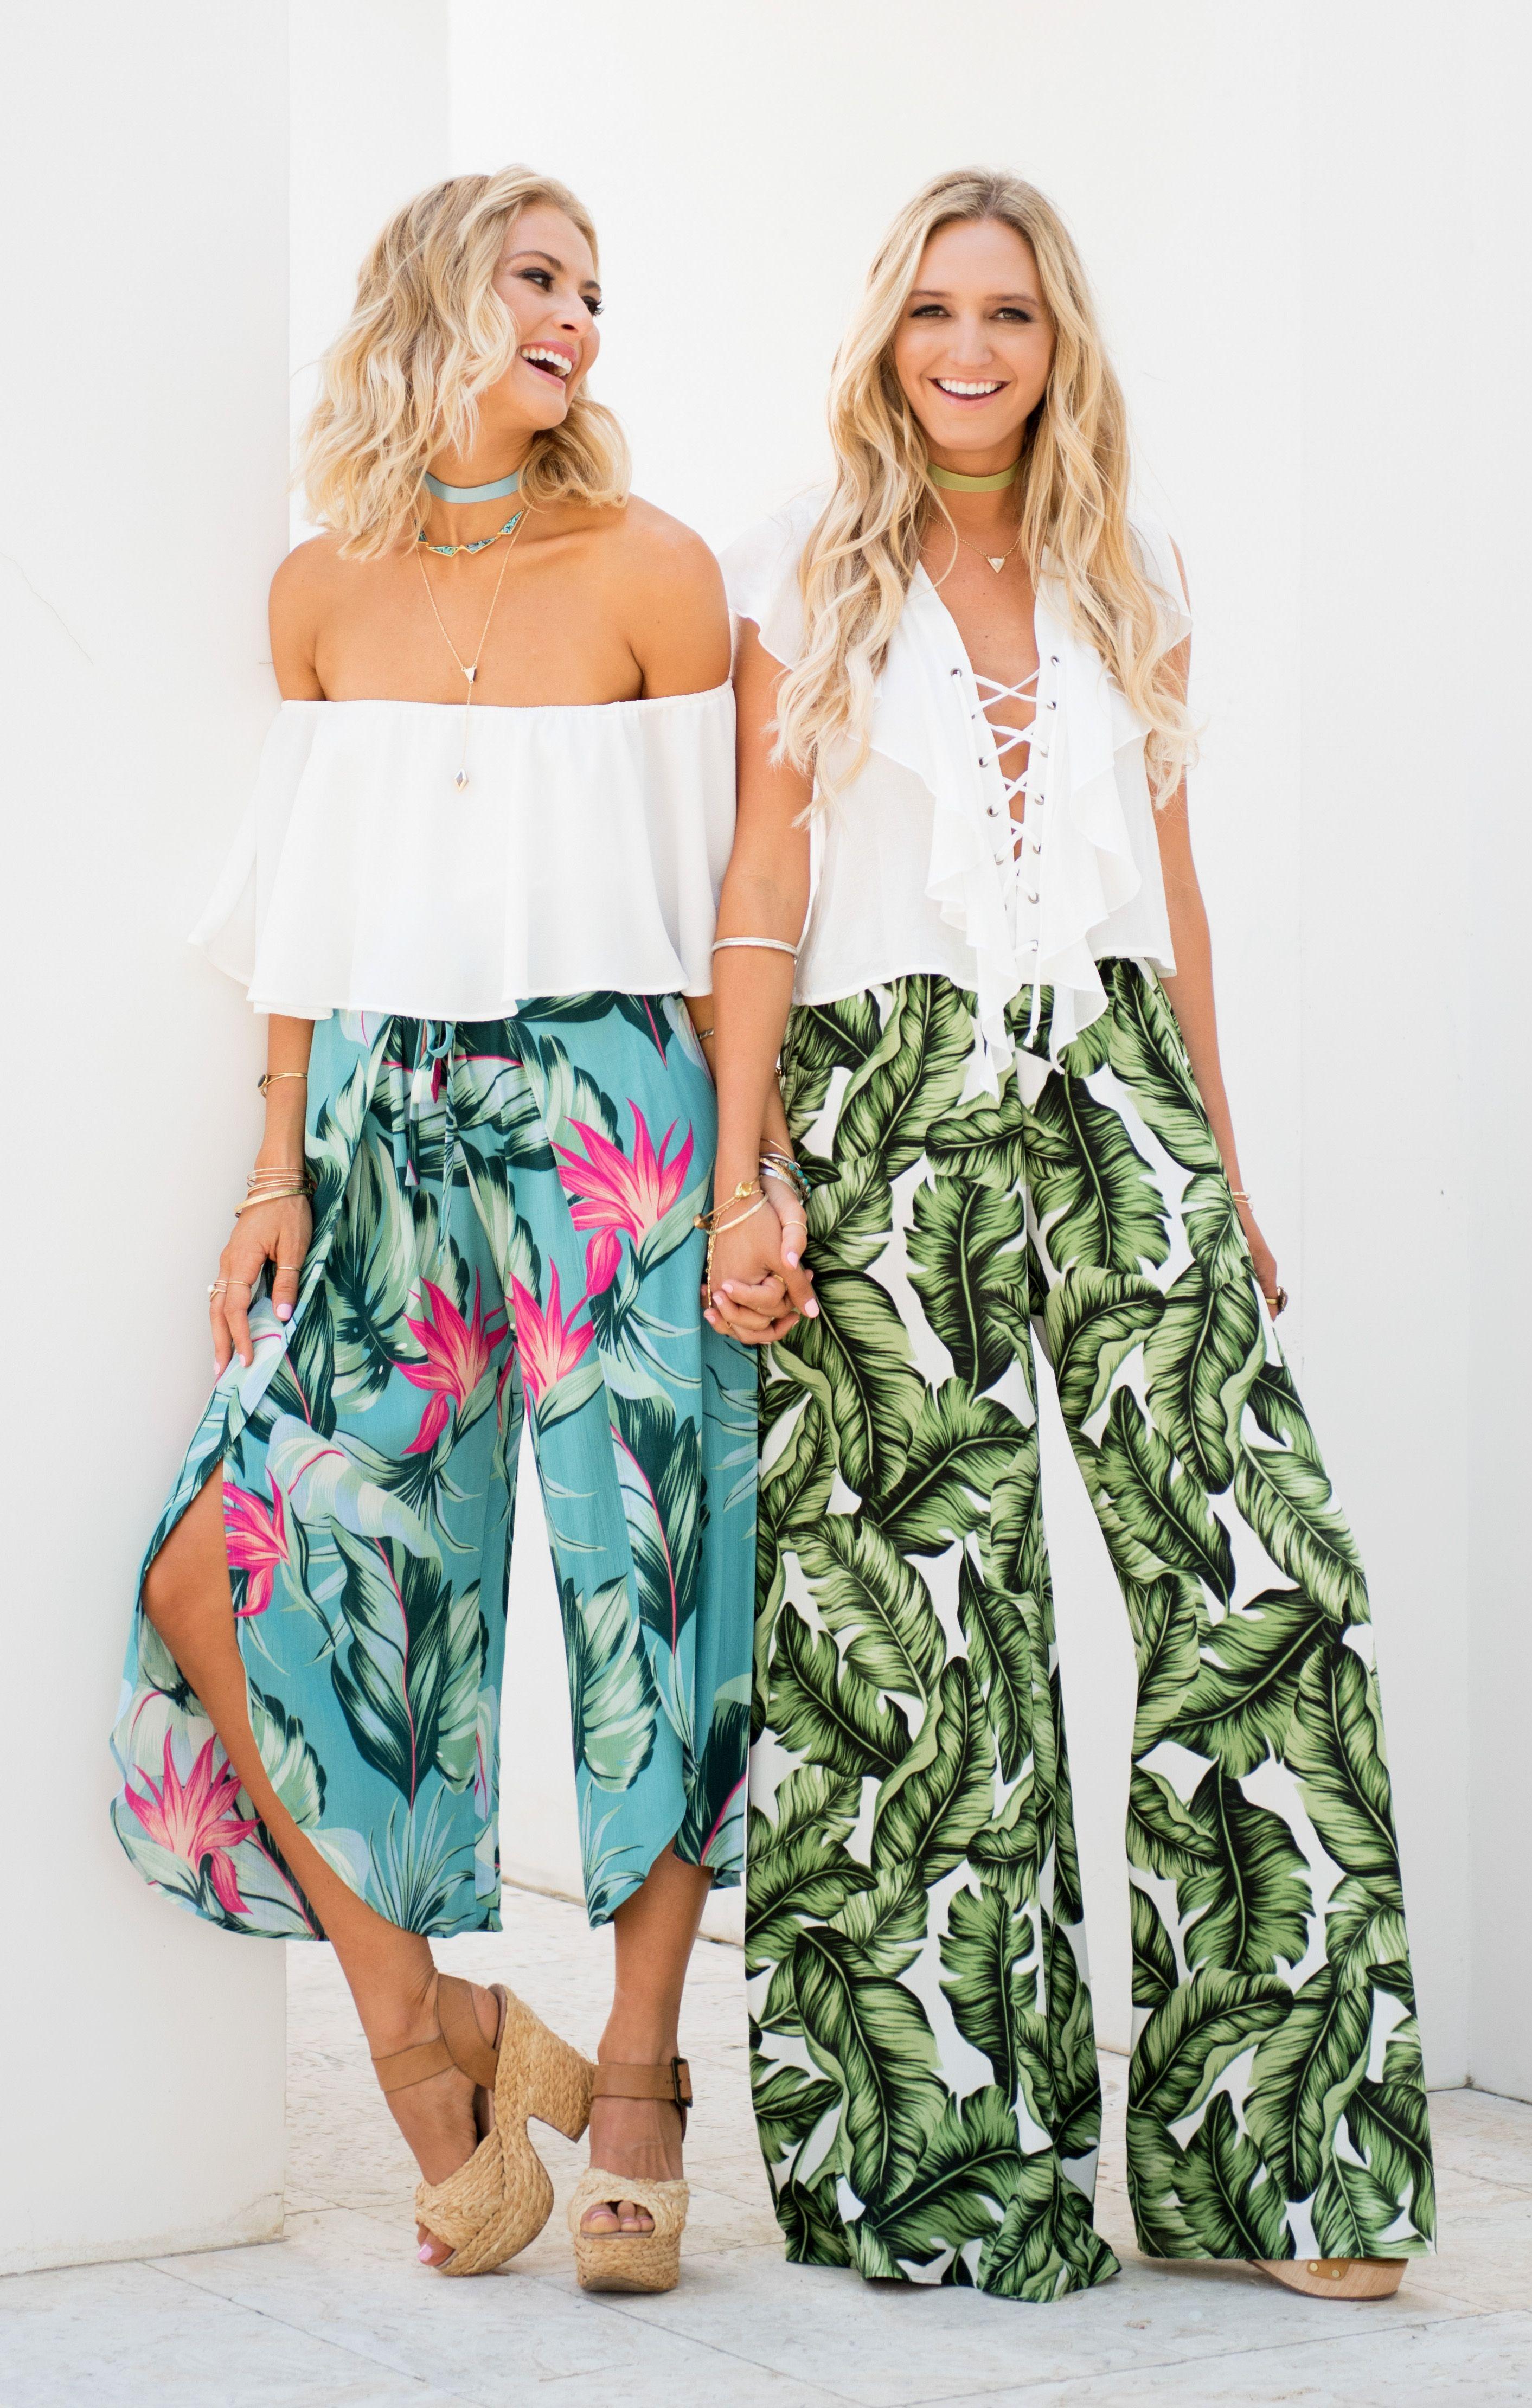 The Little MuMaids ~ Summer 2017 Hawaiian outfit Beach